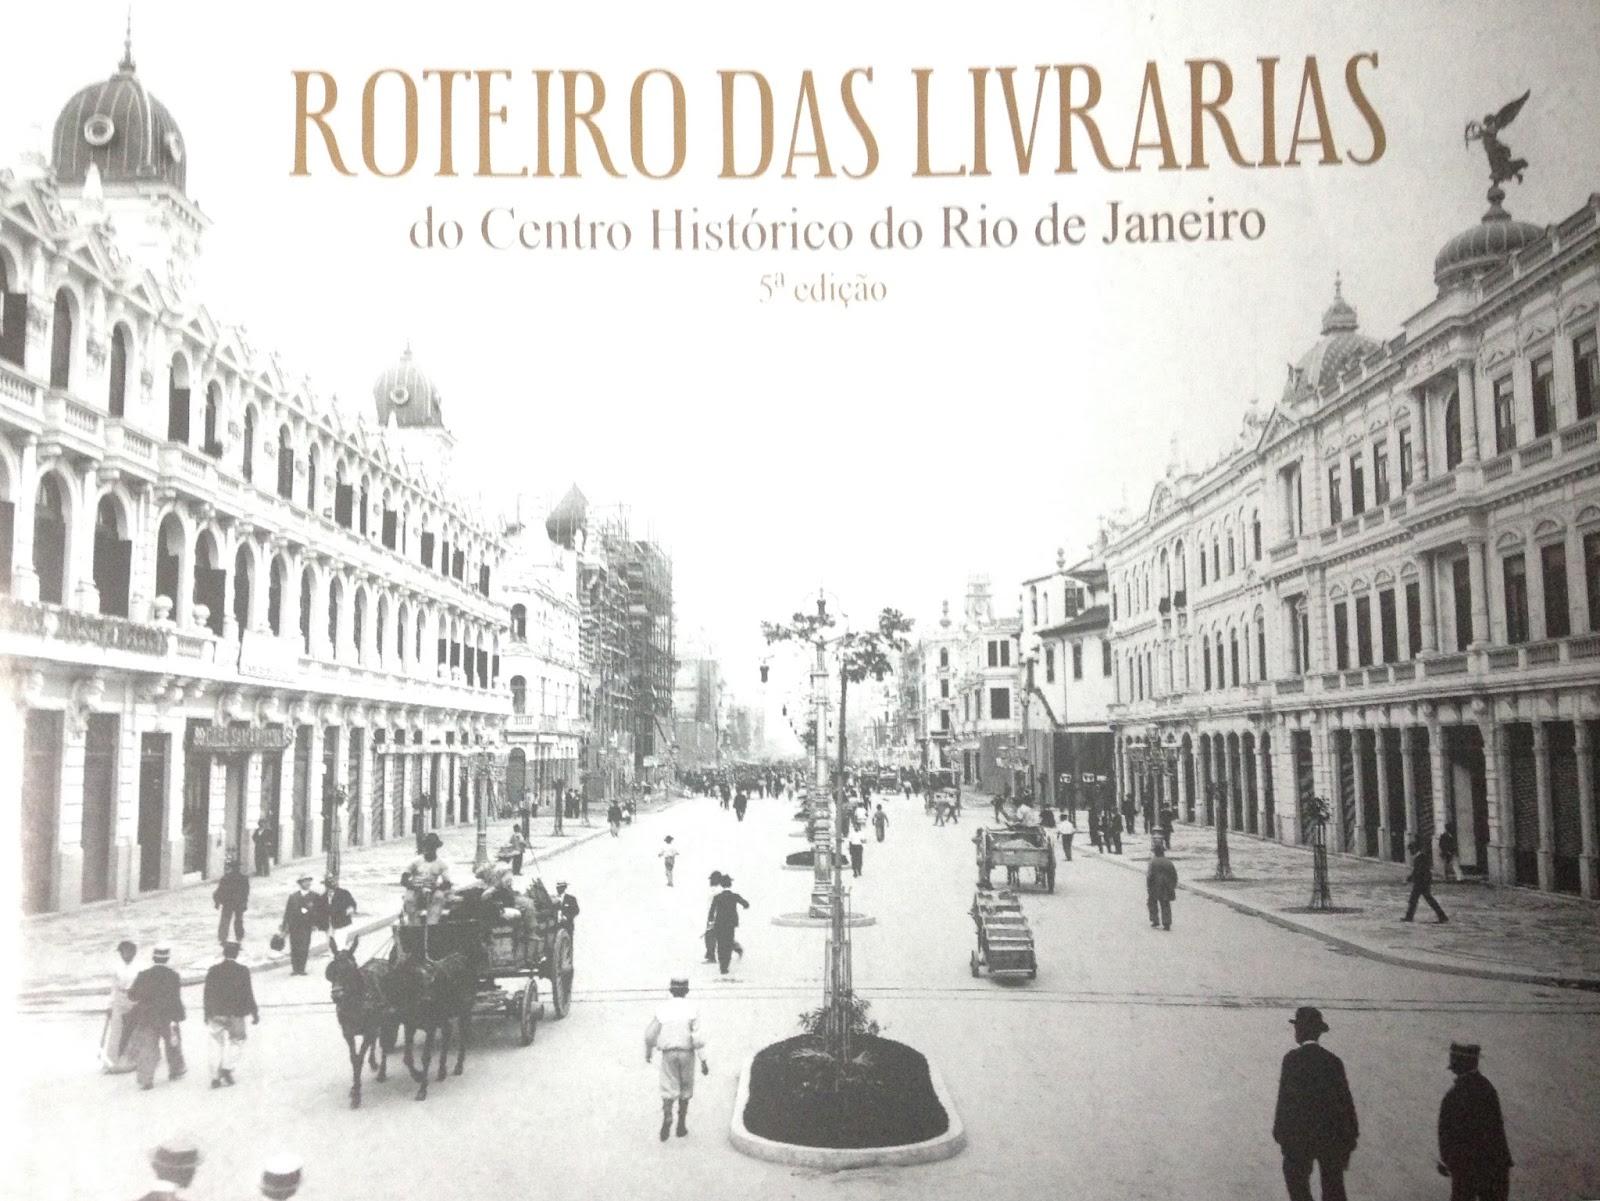 das Livrarias do Centro Histórico do Rio de Janeiro 5º edição #796552 1600x1201